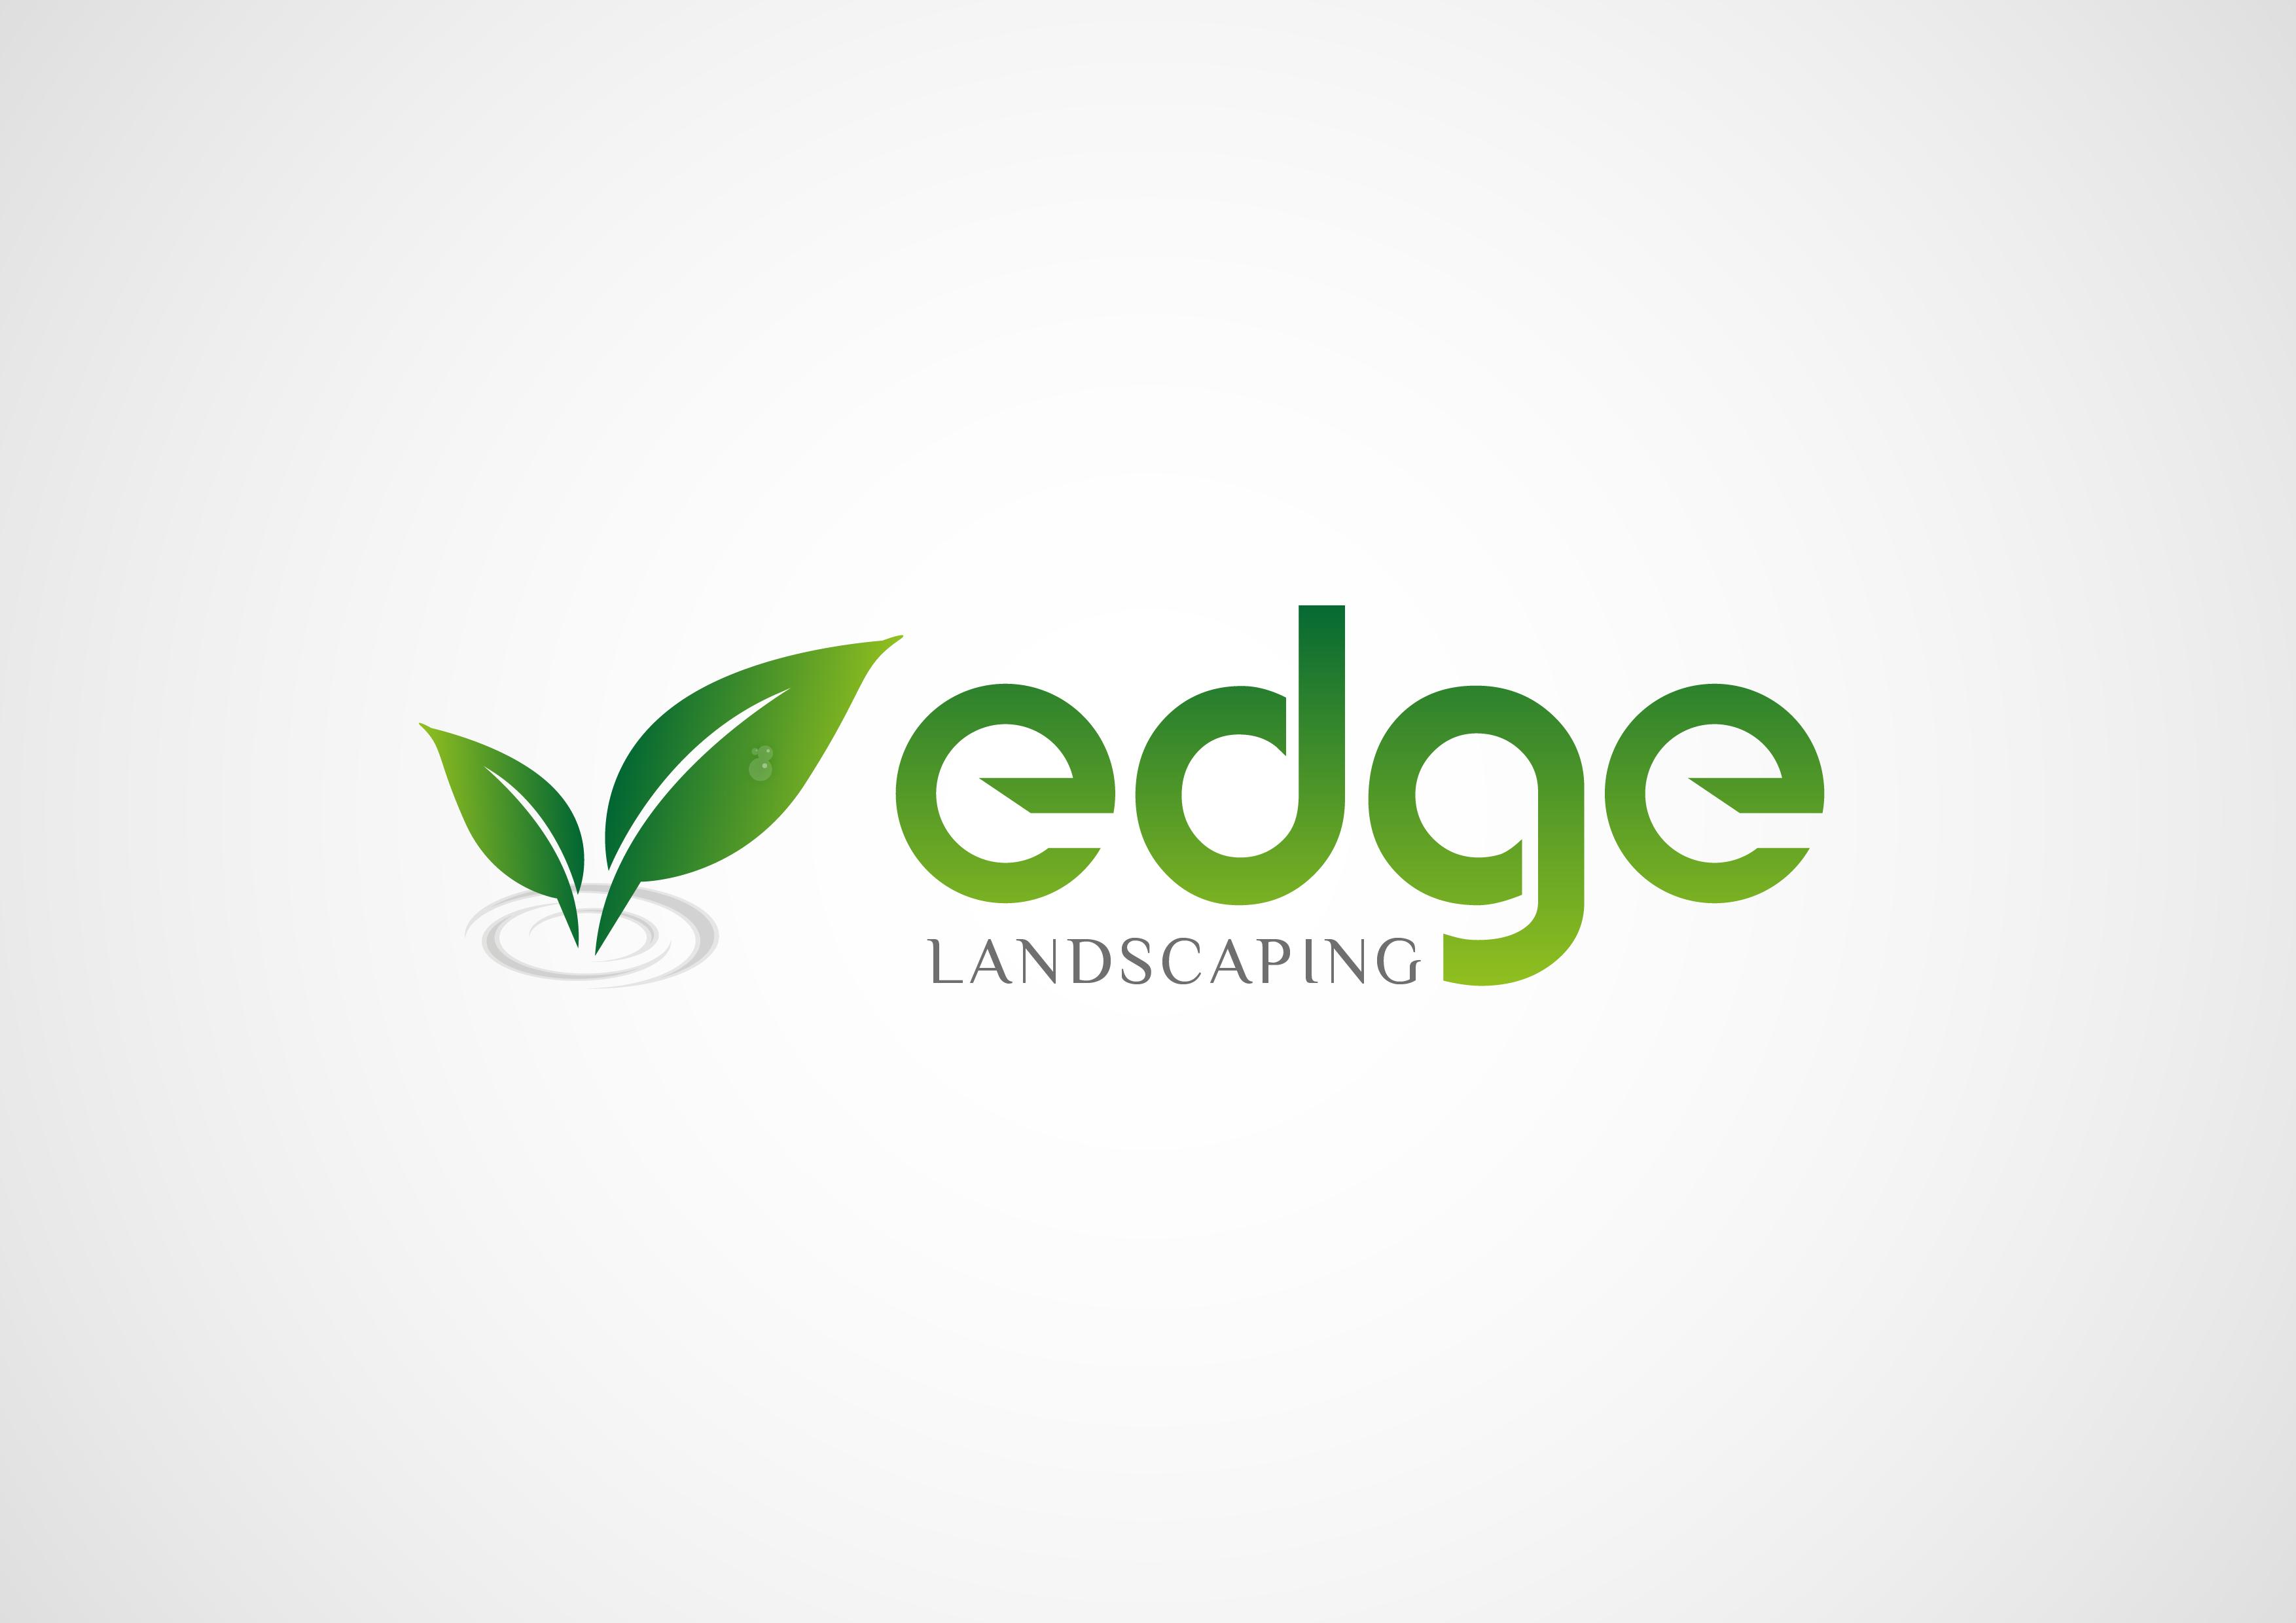 logo design contests inspiring